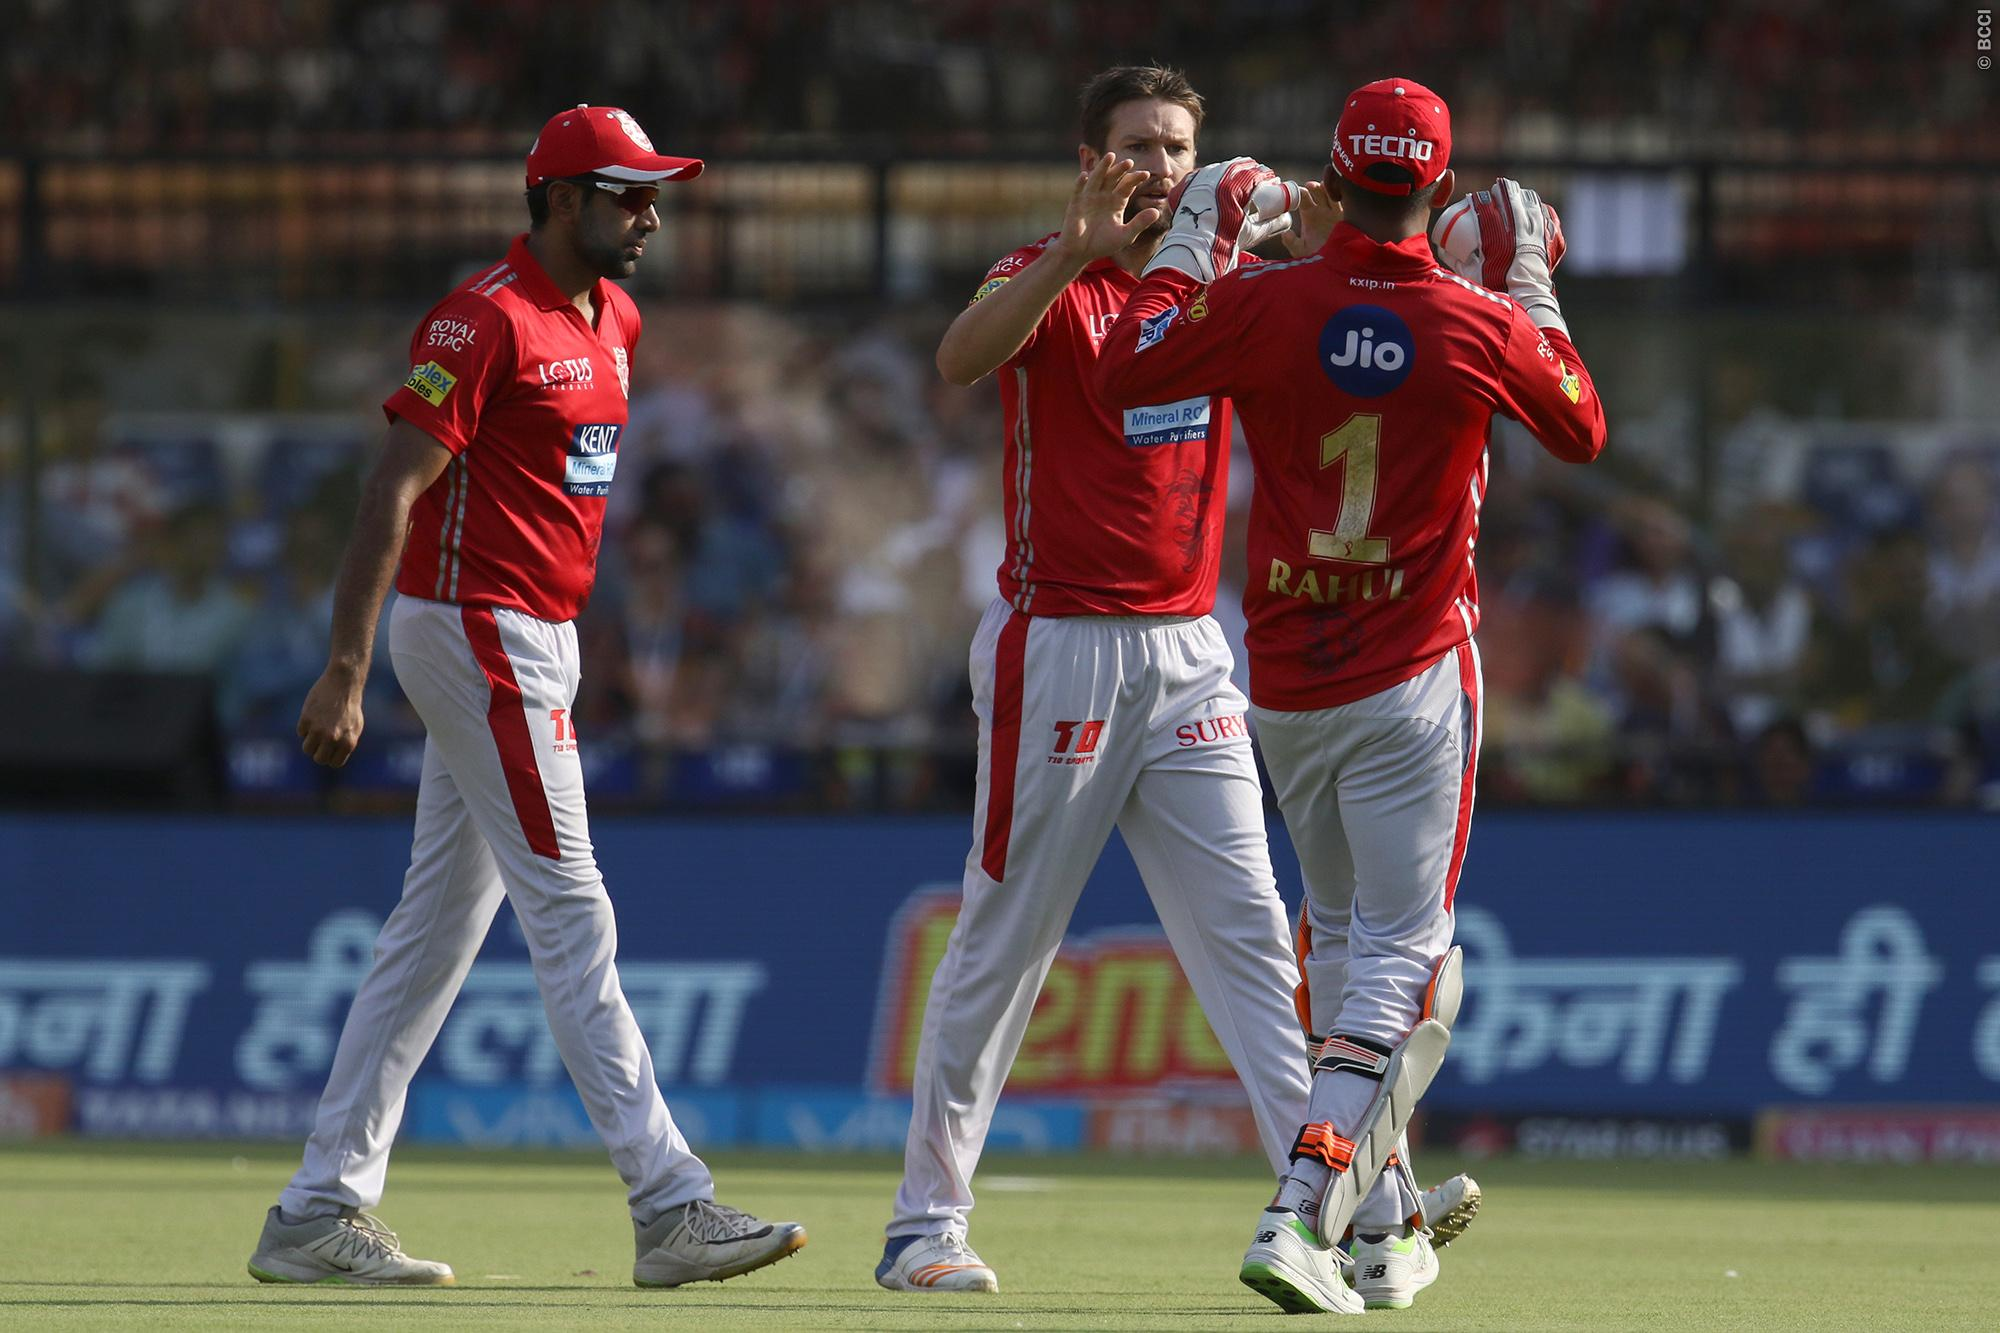 IPL 2018: टॉस जीतने वाली टीम ही जीतेगी मैच, जाने क्या है पहले और दूसरी पारी में बल्लेबाजी करने वाली टीम का परिणाम 5